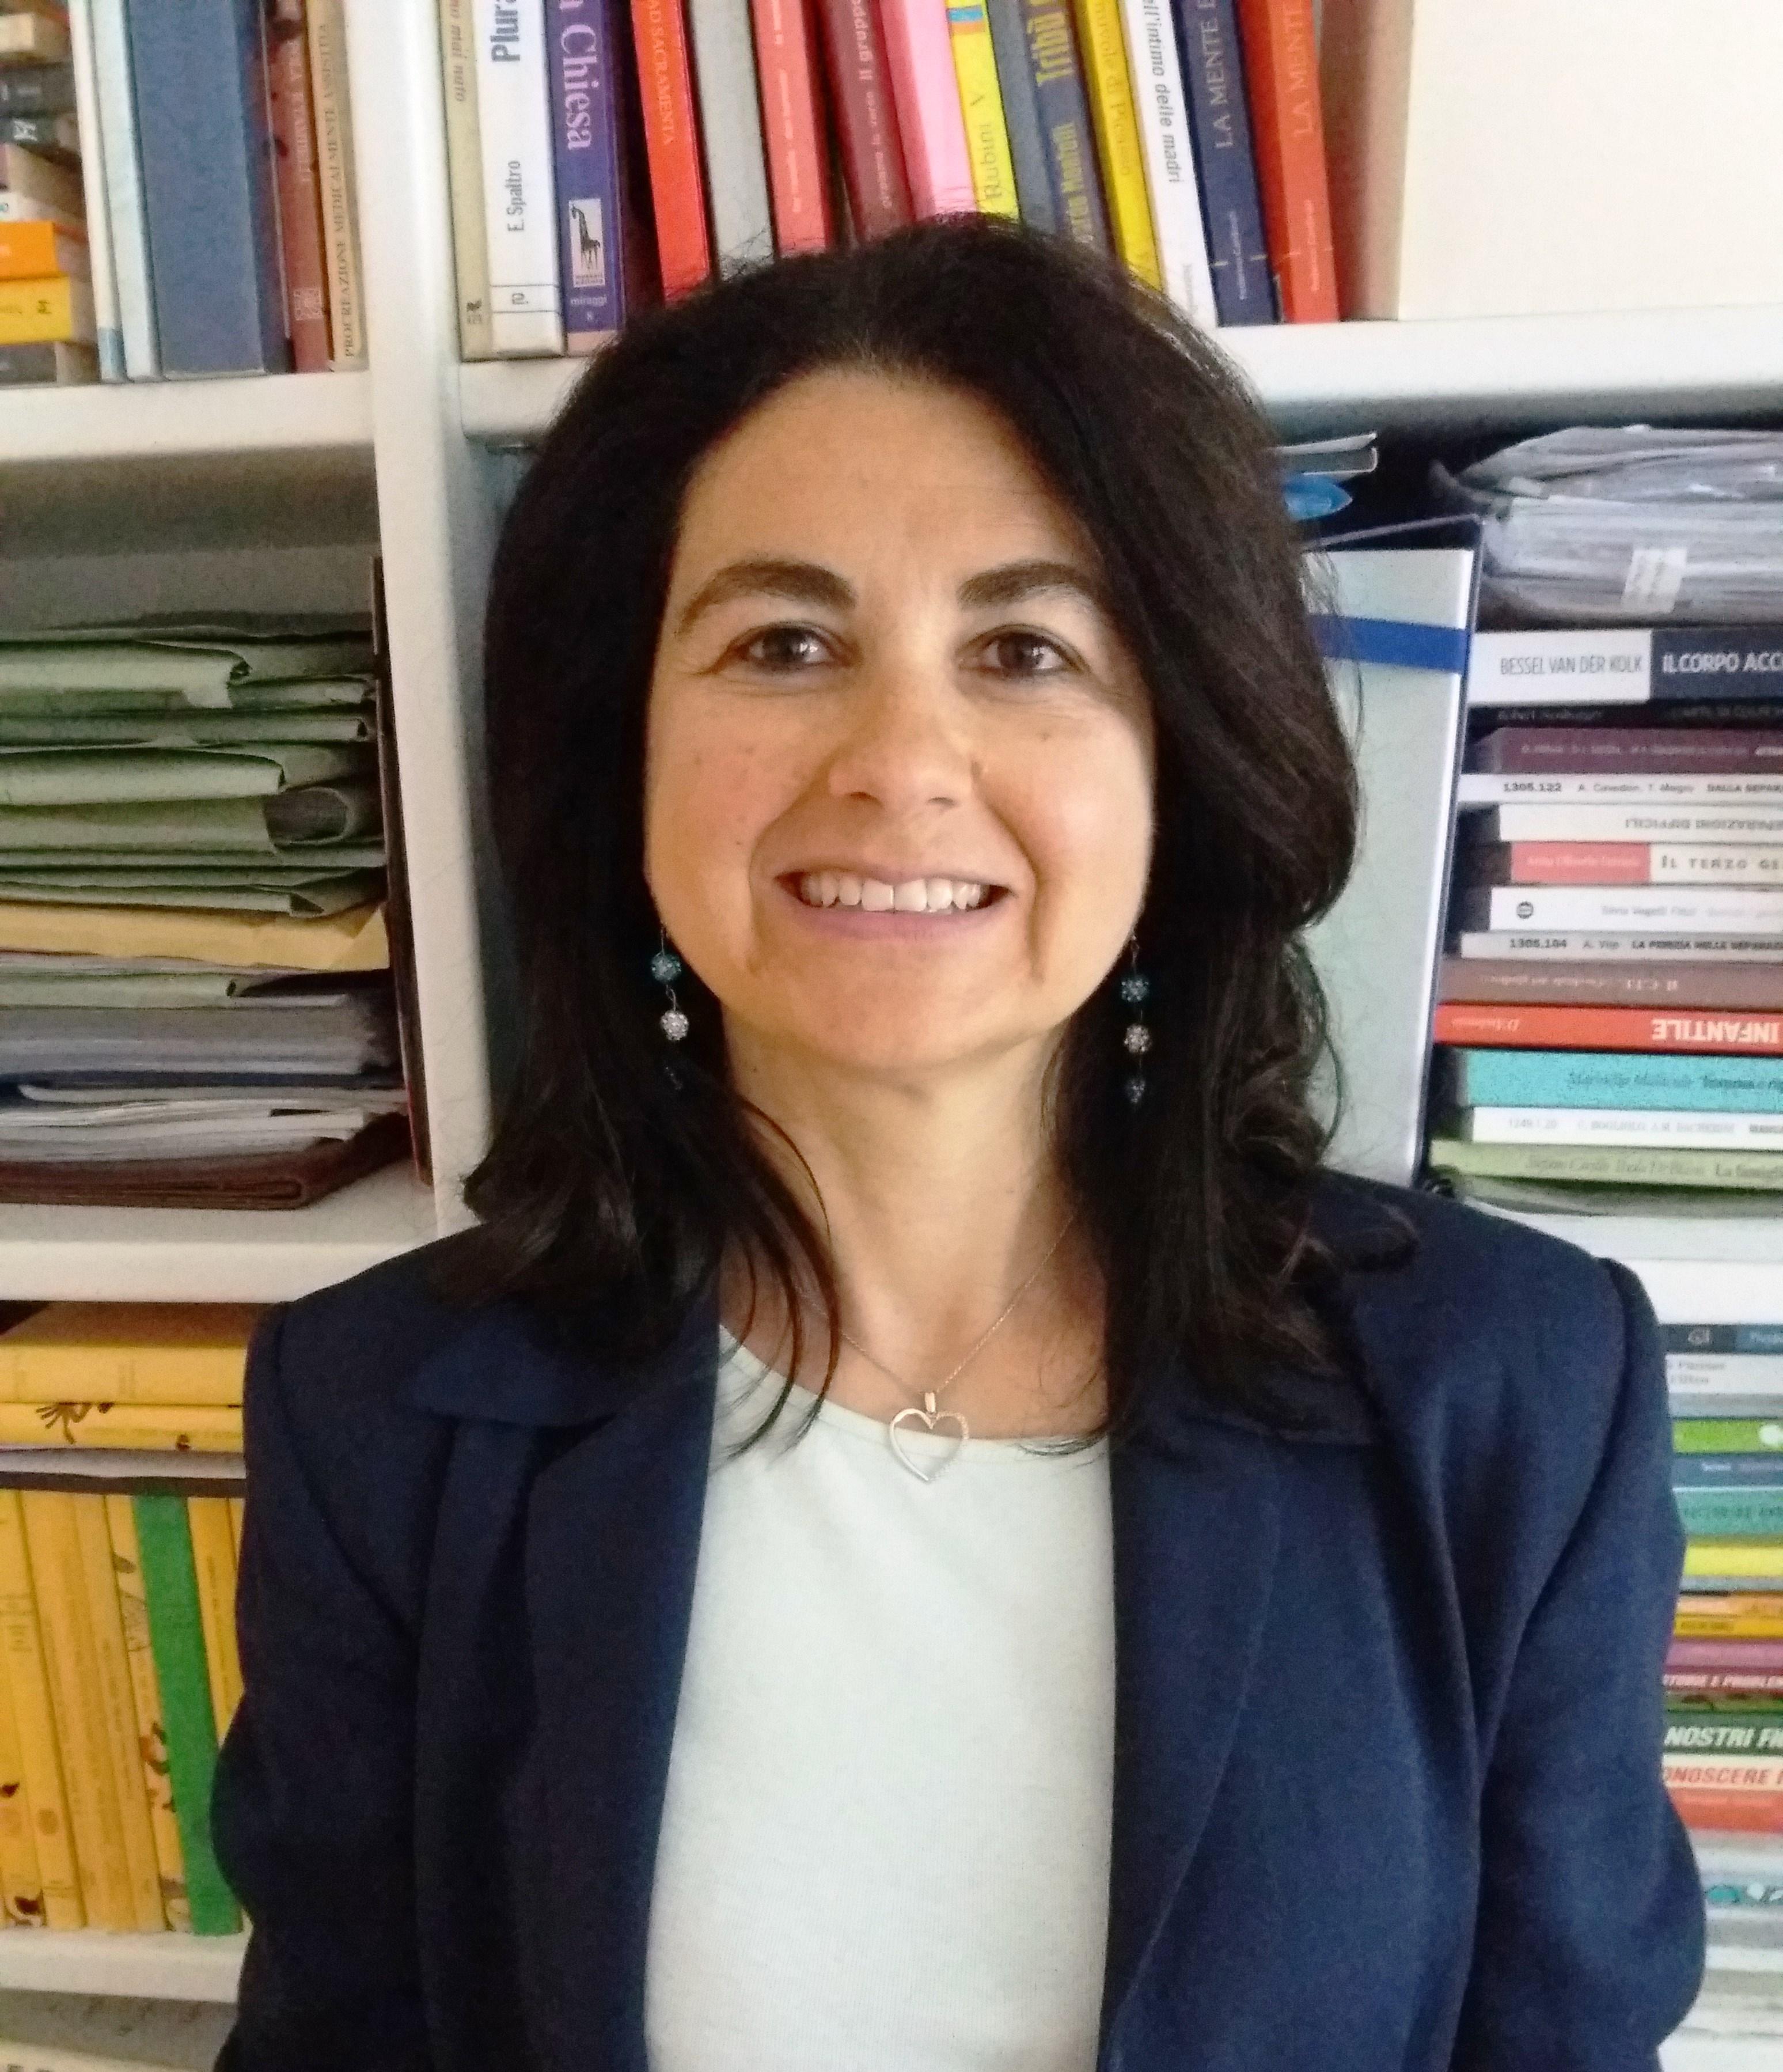 Foto della dottoressa psicologa e psicoterapeuta Cristiana Frattesi